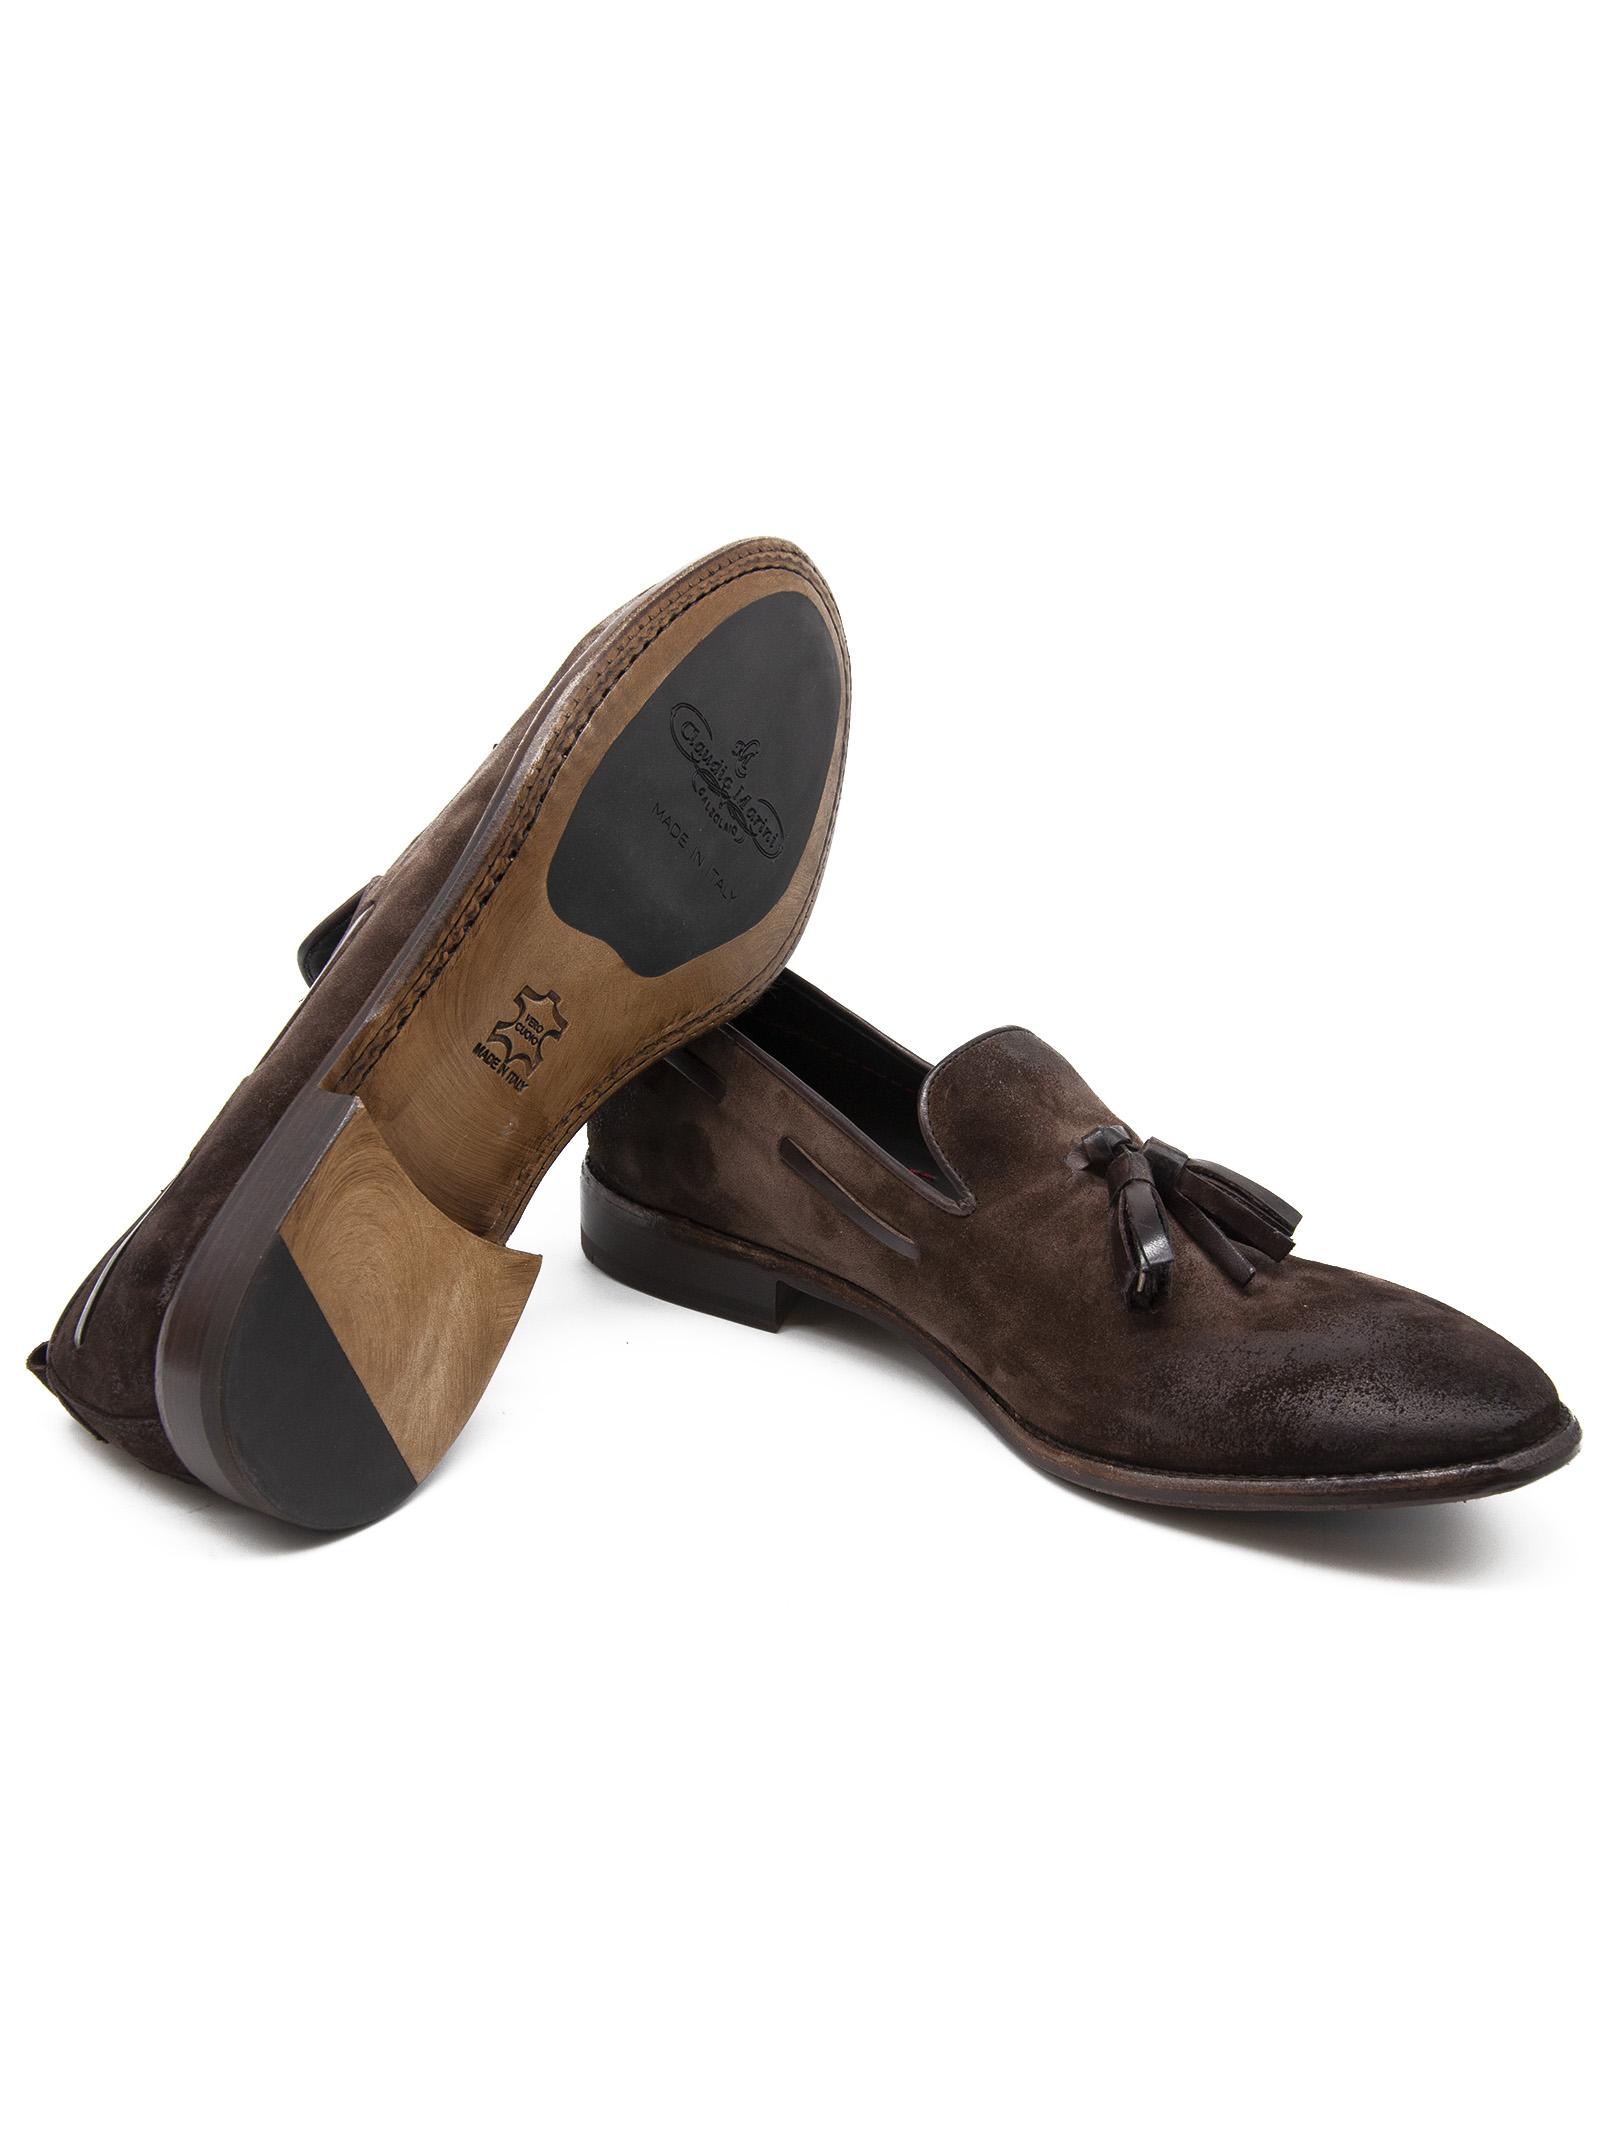 slippers nappino MARINI | 921336138 | 8171COTTO MORO